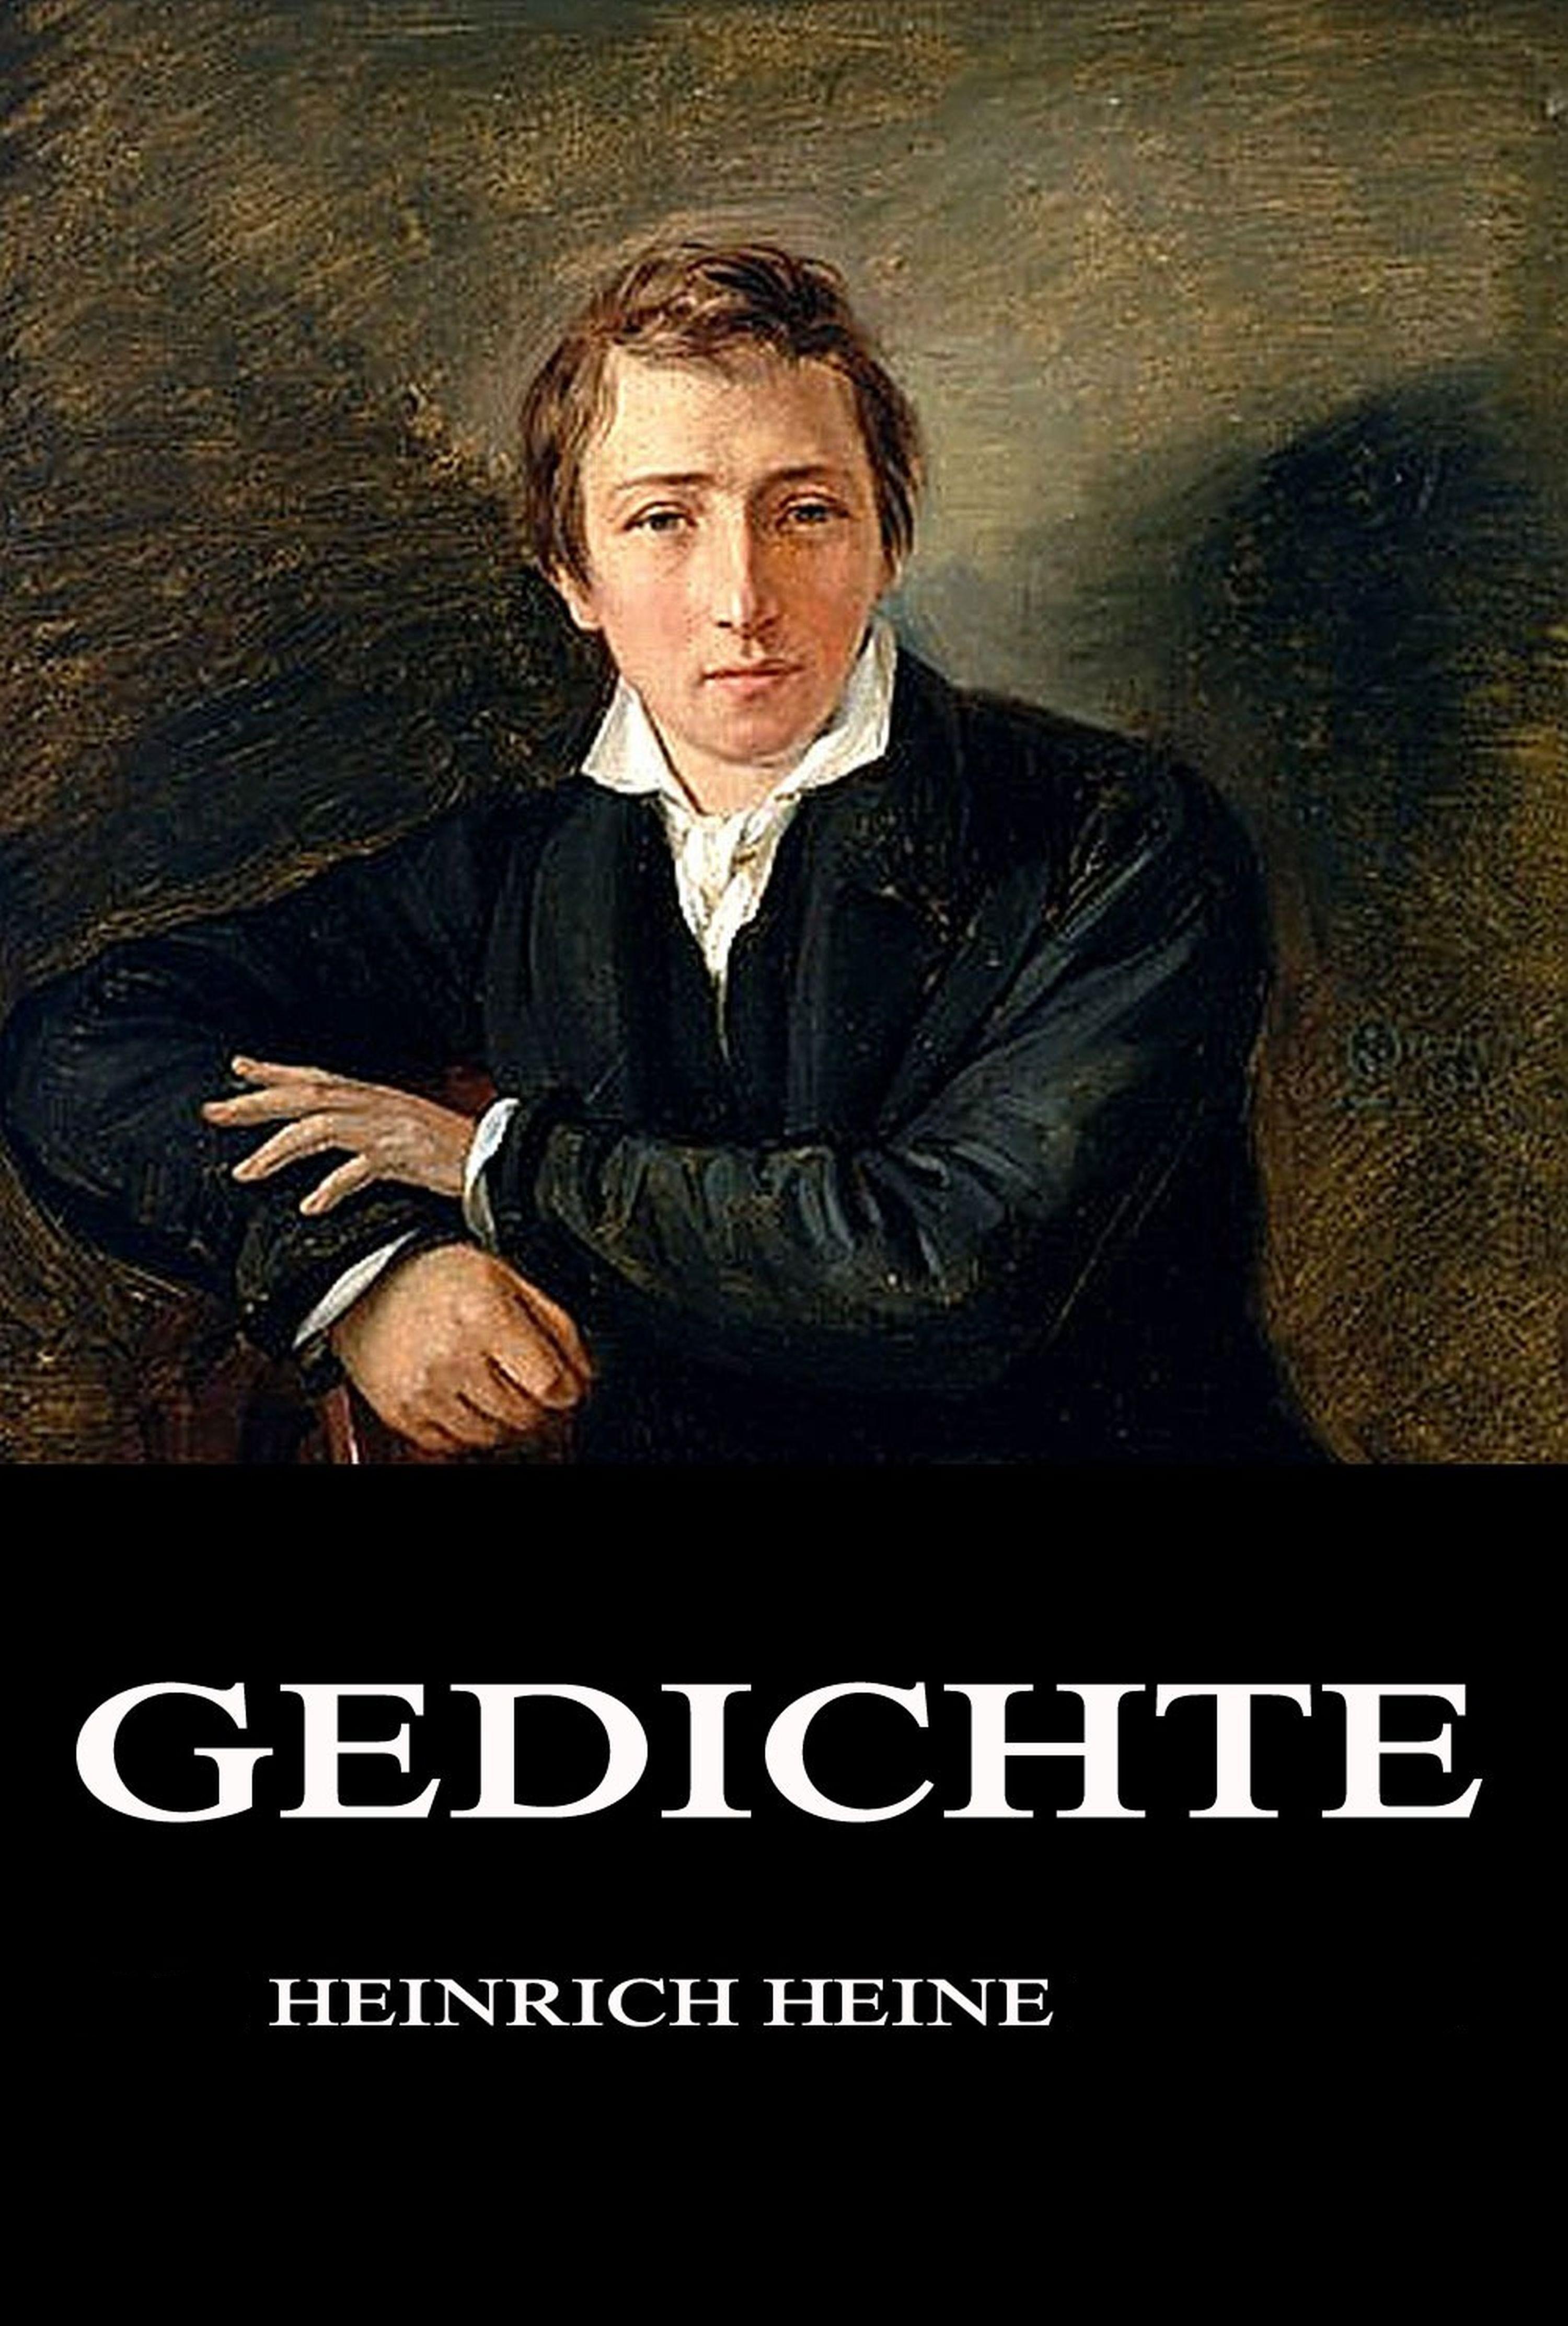 Heinrich Heine Gedichte босоножки quelle heine 170362